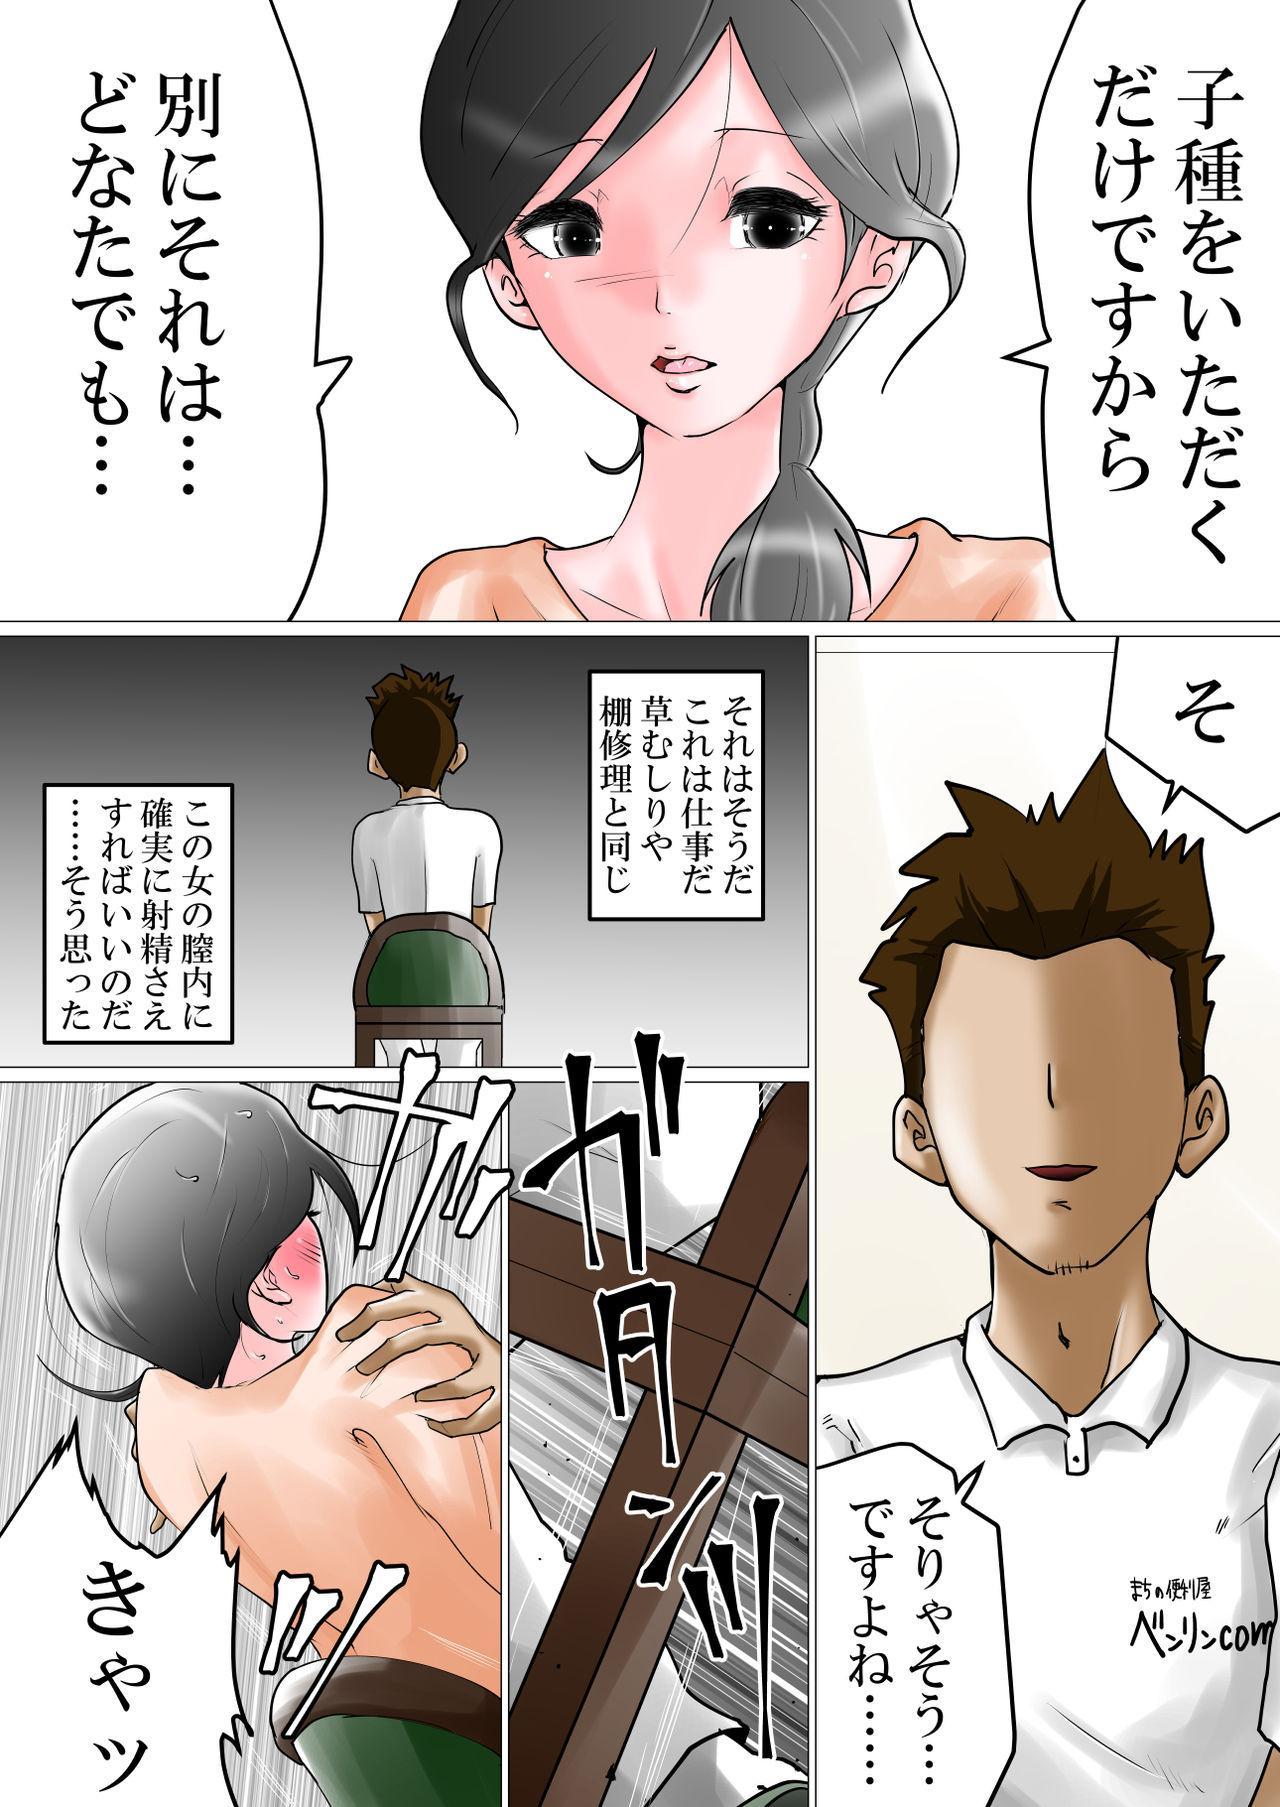 Tanetsuke Irai ~Funin ni Nayamu Fuufu ni Nakadashi o Irai Sareta Benriya no Hanashi 8